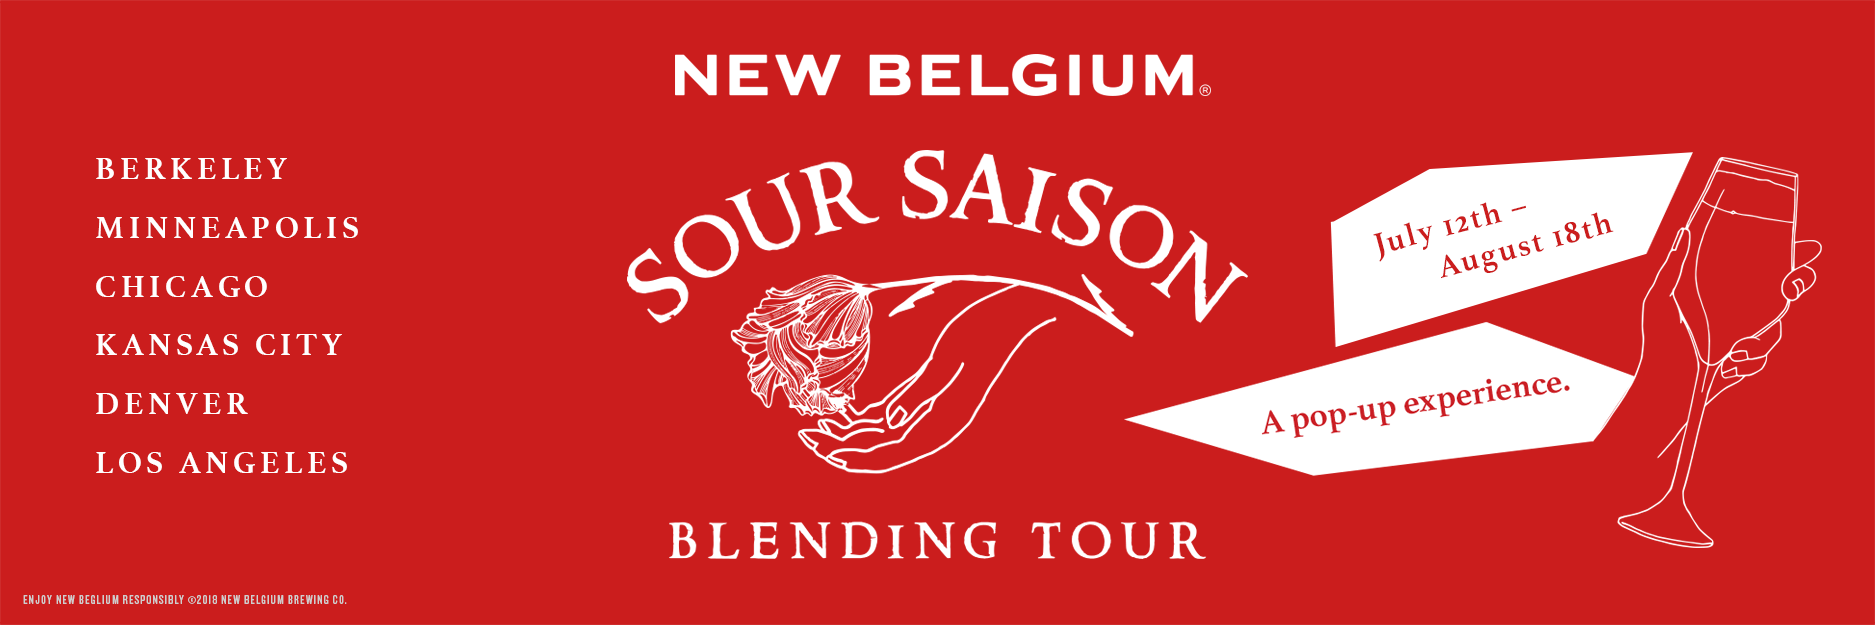 180102 GBH Sour Saison Tour Ad_900x300 (1).png